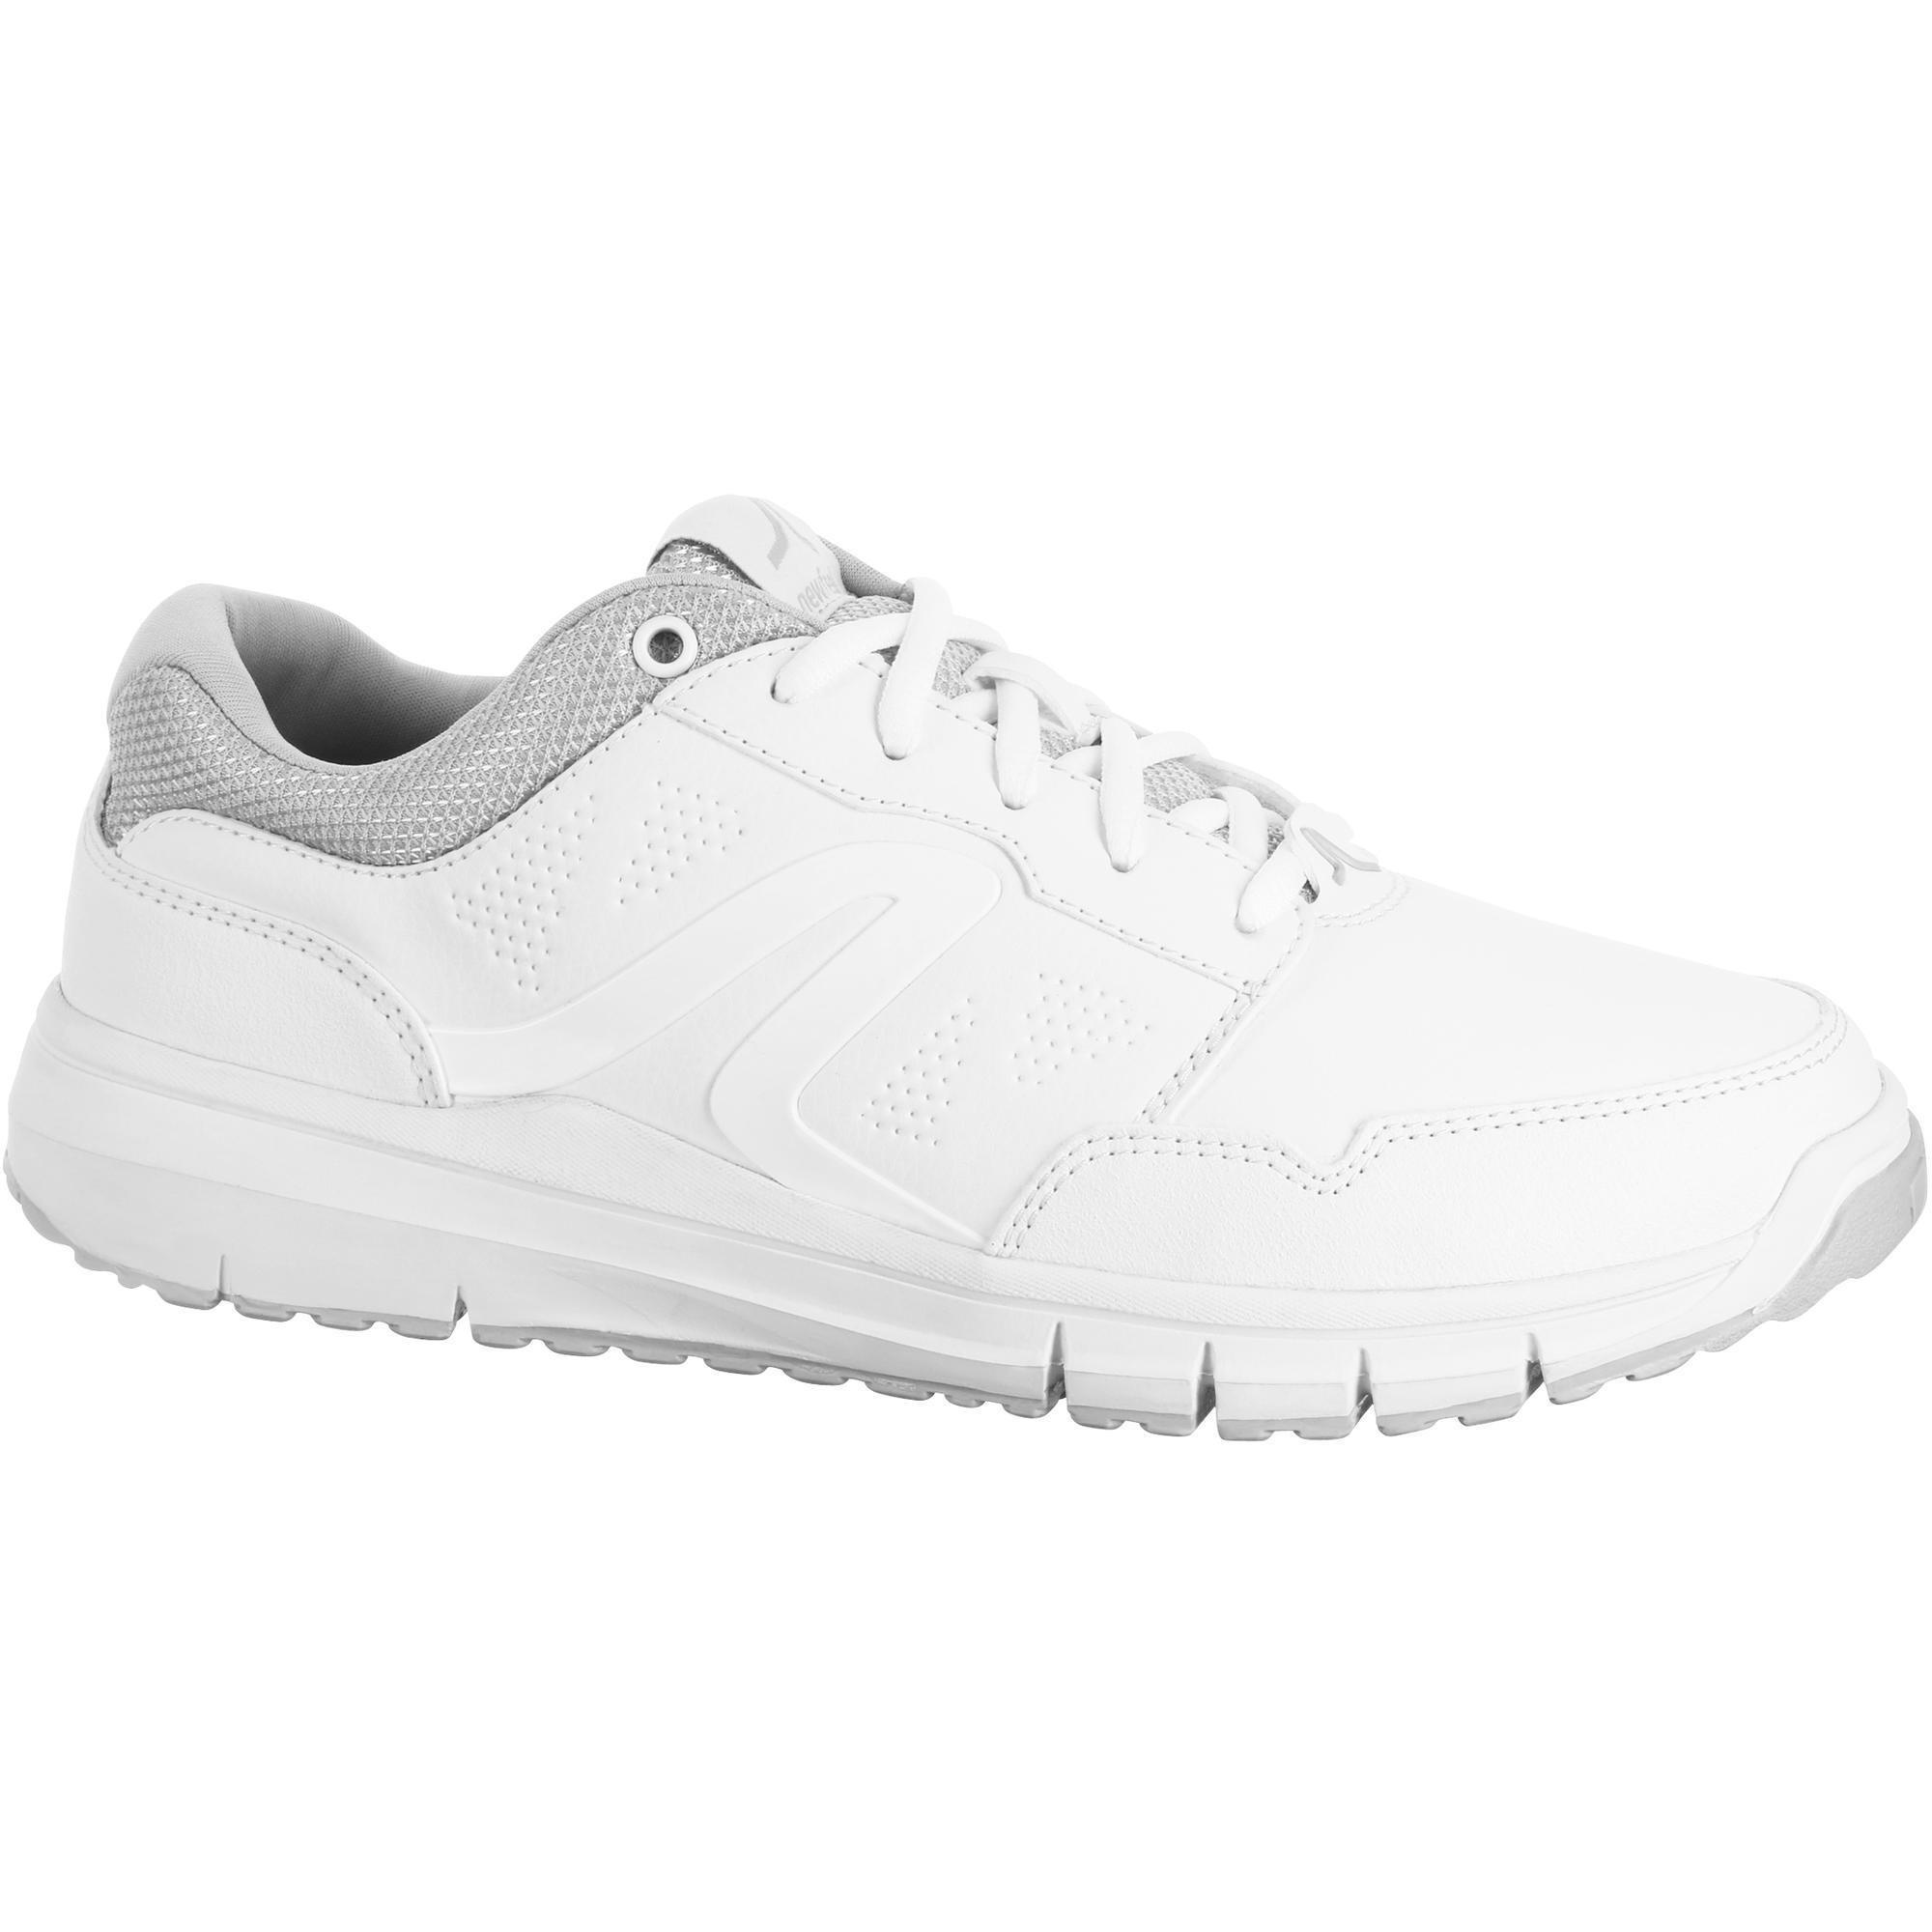 scarpe camminata sportiva donna protect 140 bianche newfeel